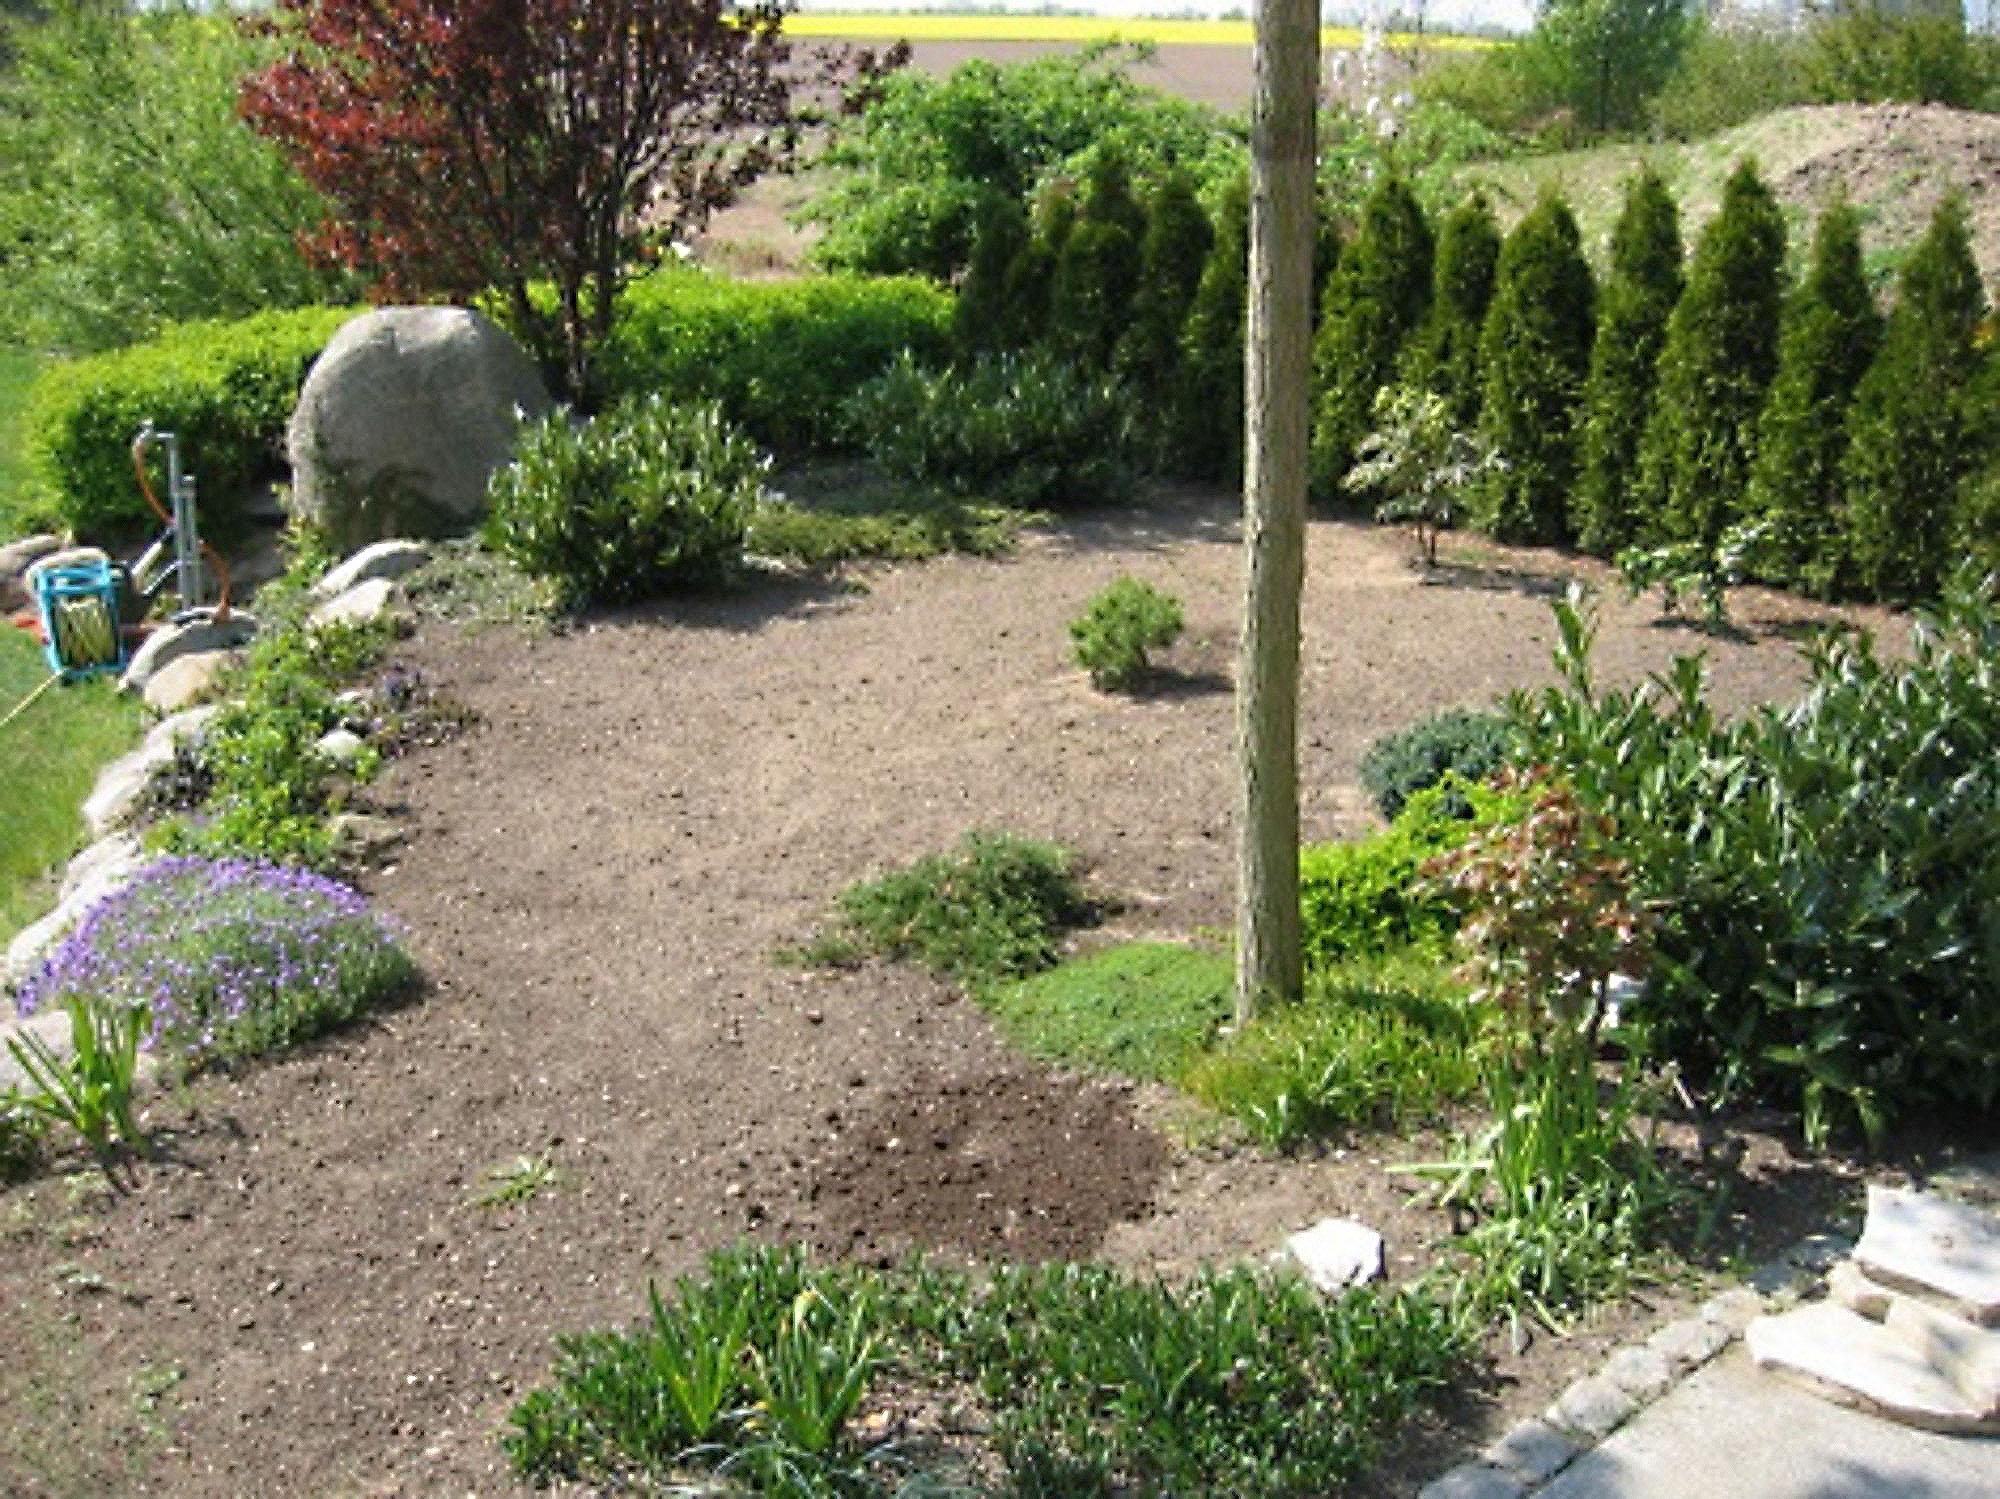 Von der Unkrautrabatte zum Steingarten: Garten durch moderne Gestaltung aufwerten